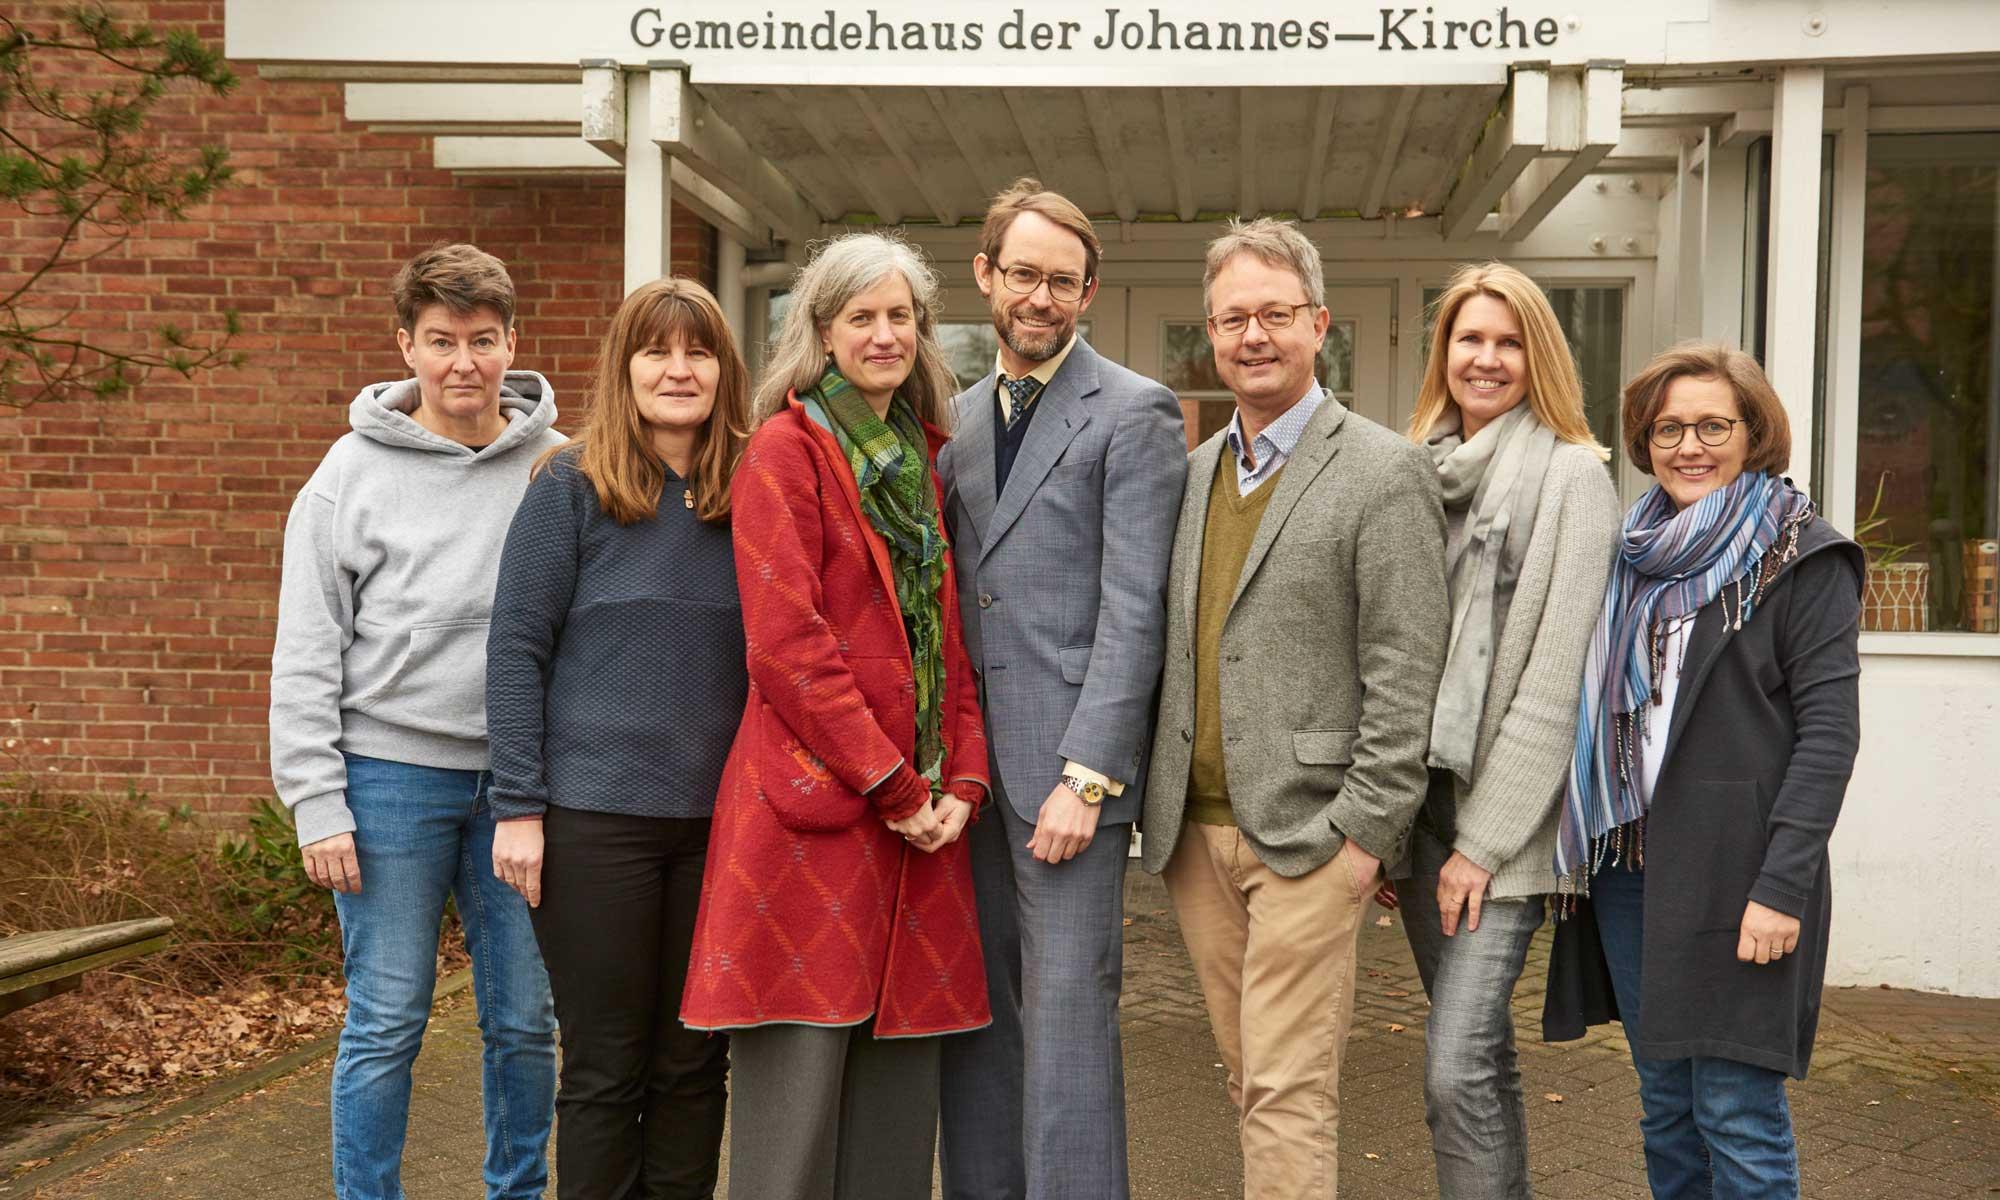 Team Johannesgemeinde Rissen